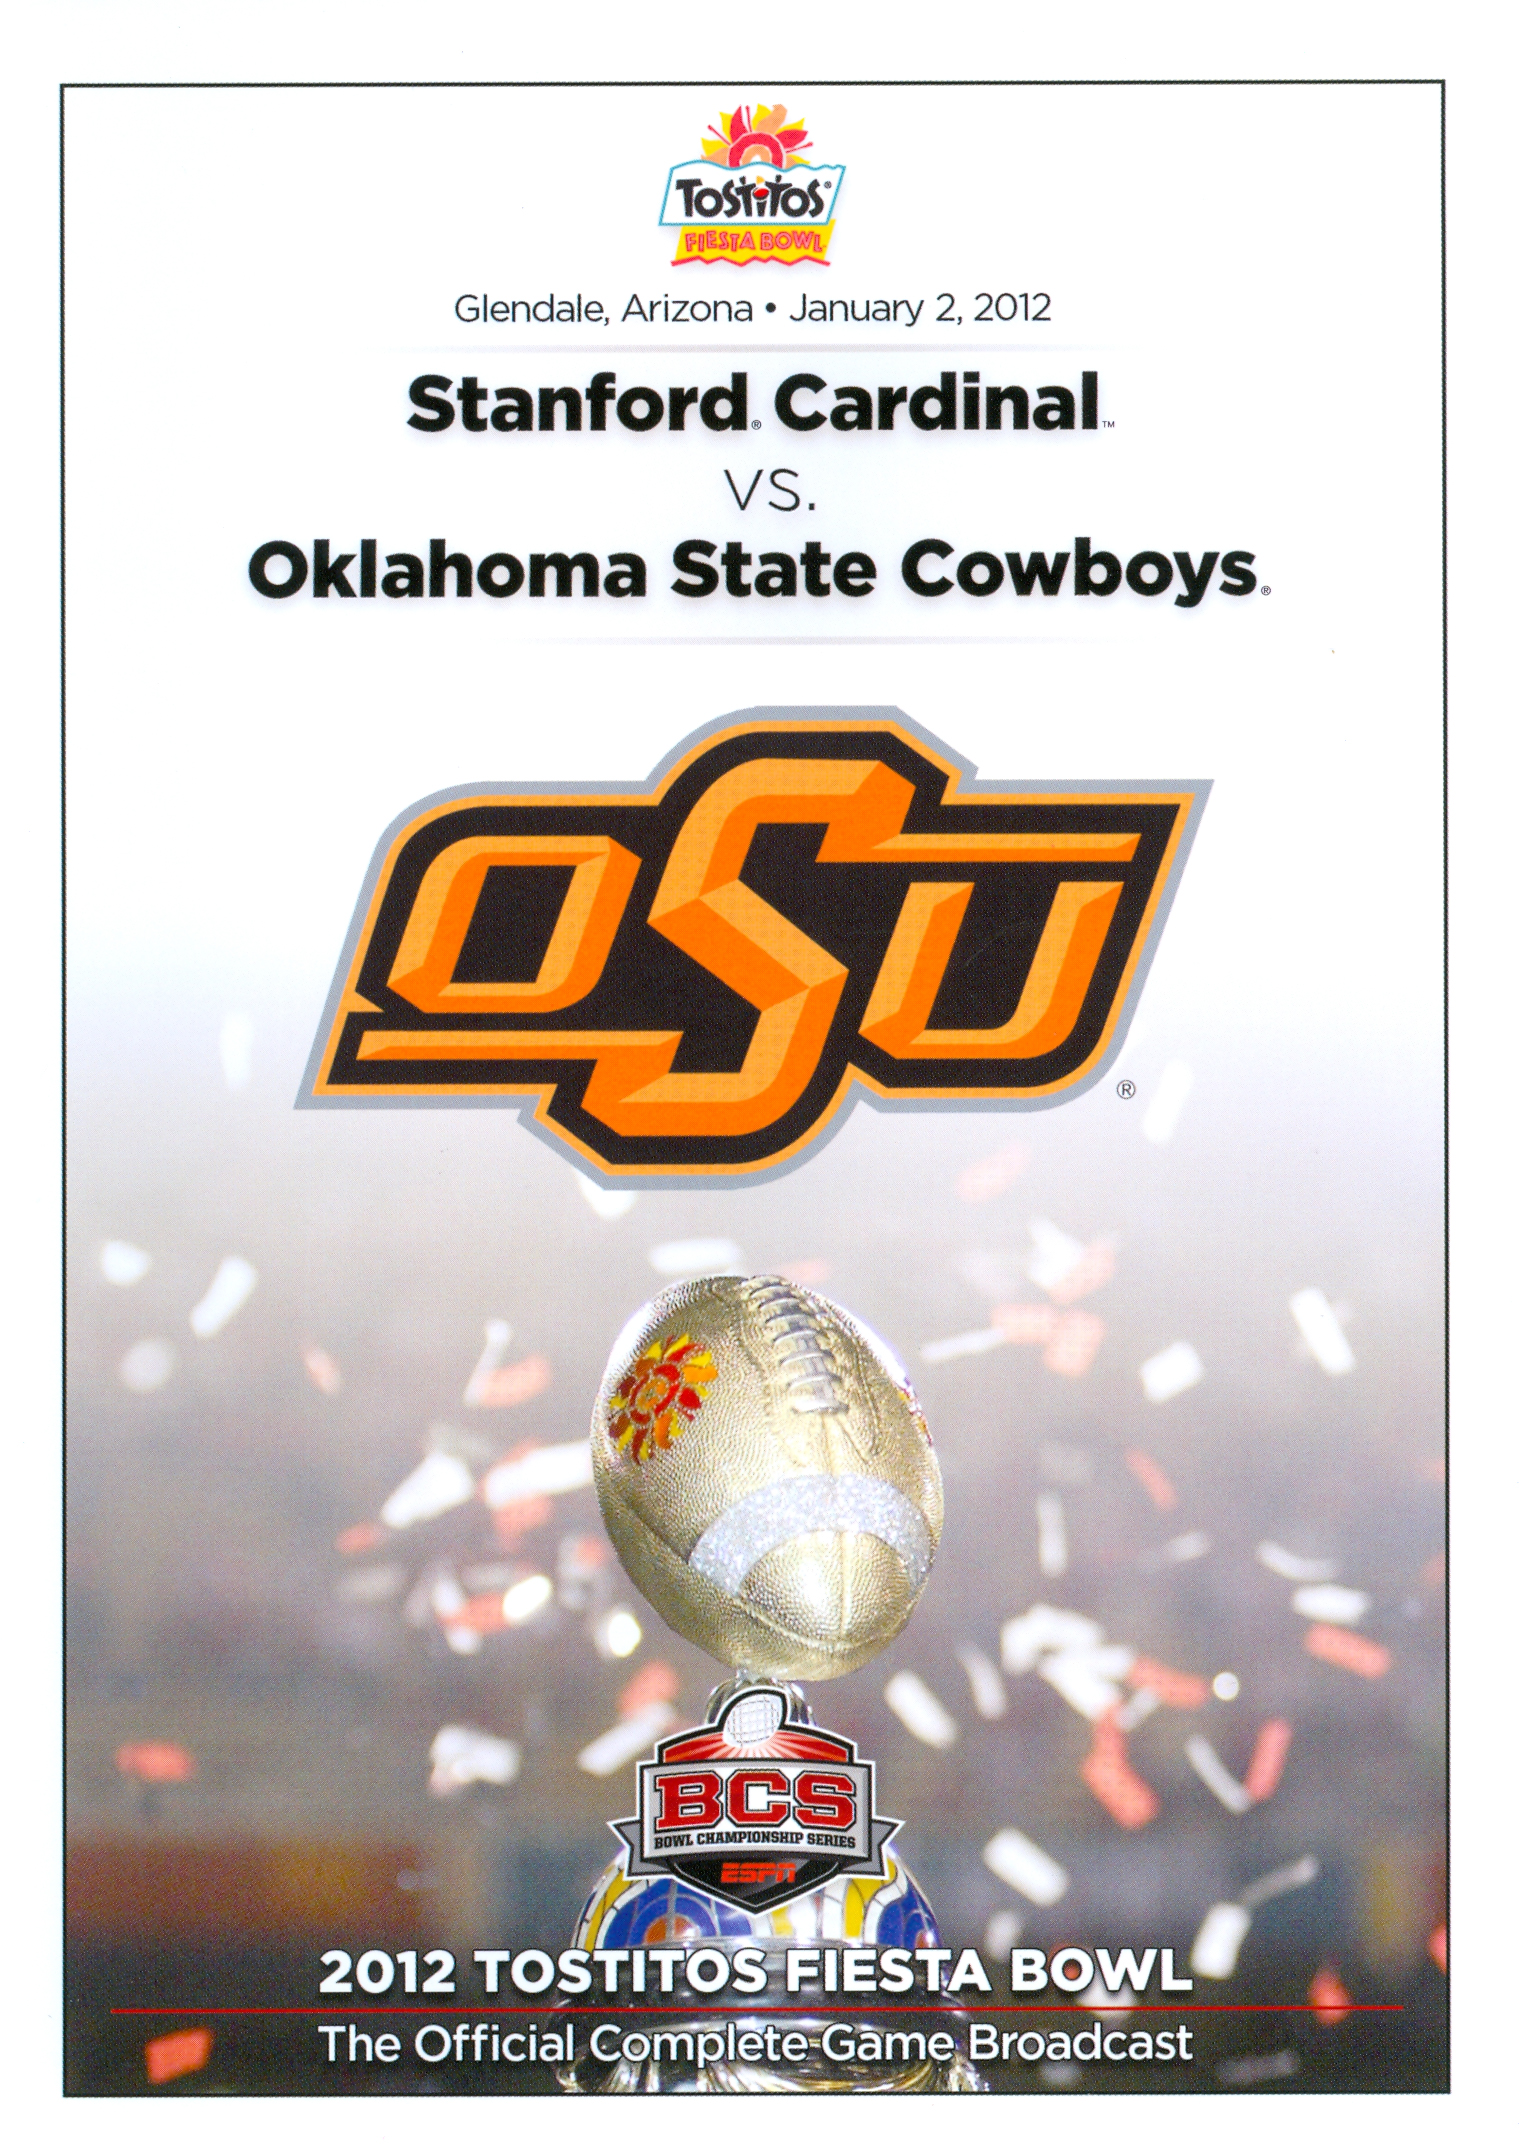 2012 Tostitos Fiesta Bowl: Stanford Cardinal vs. Oklahoma State Cowboys